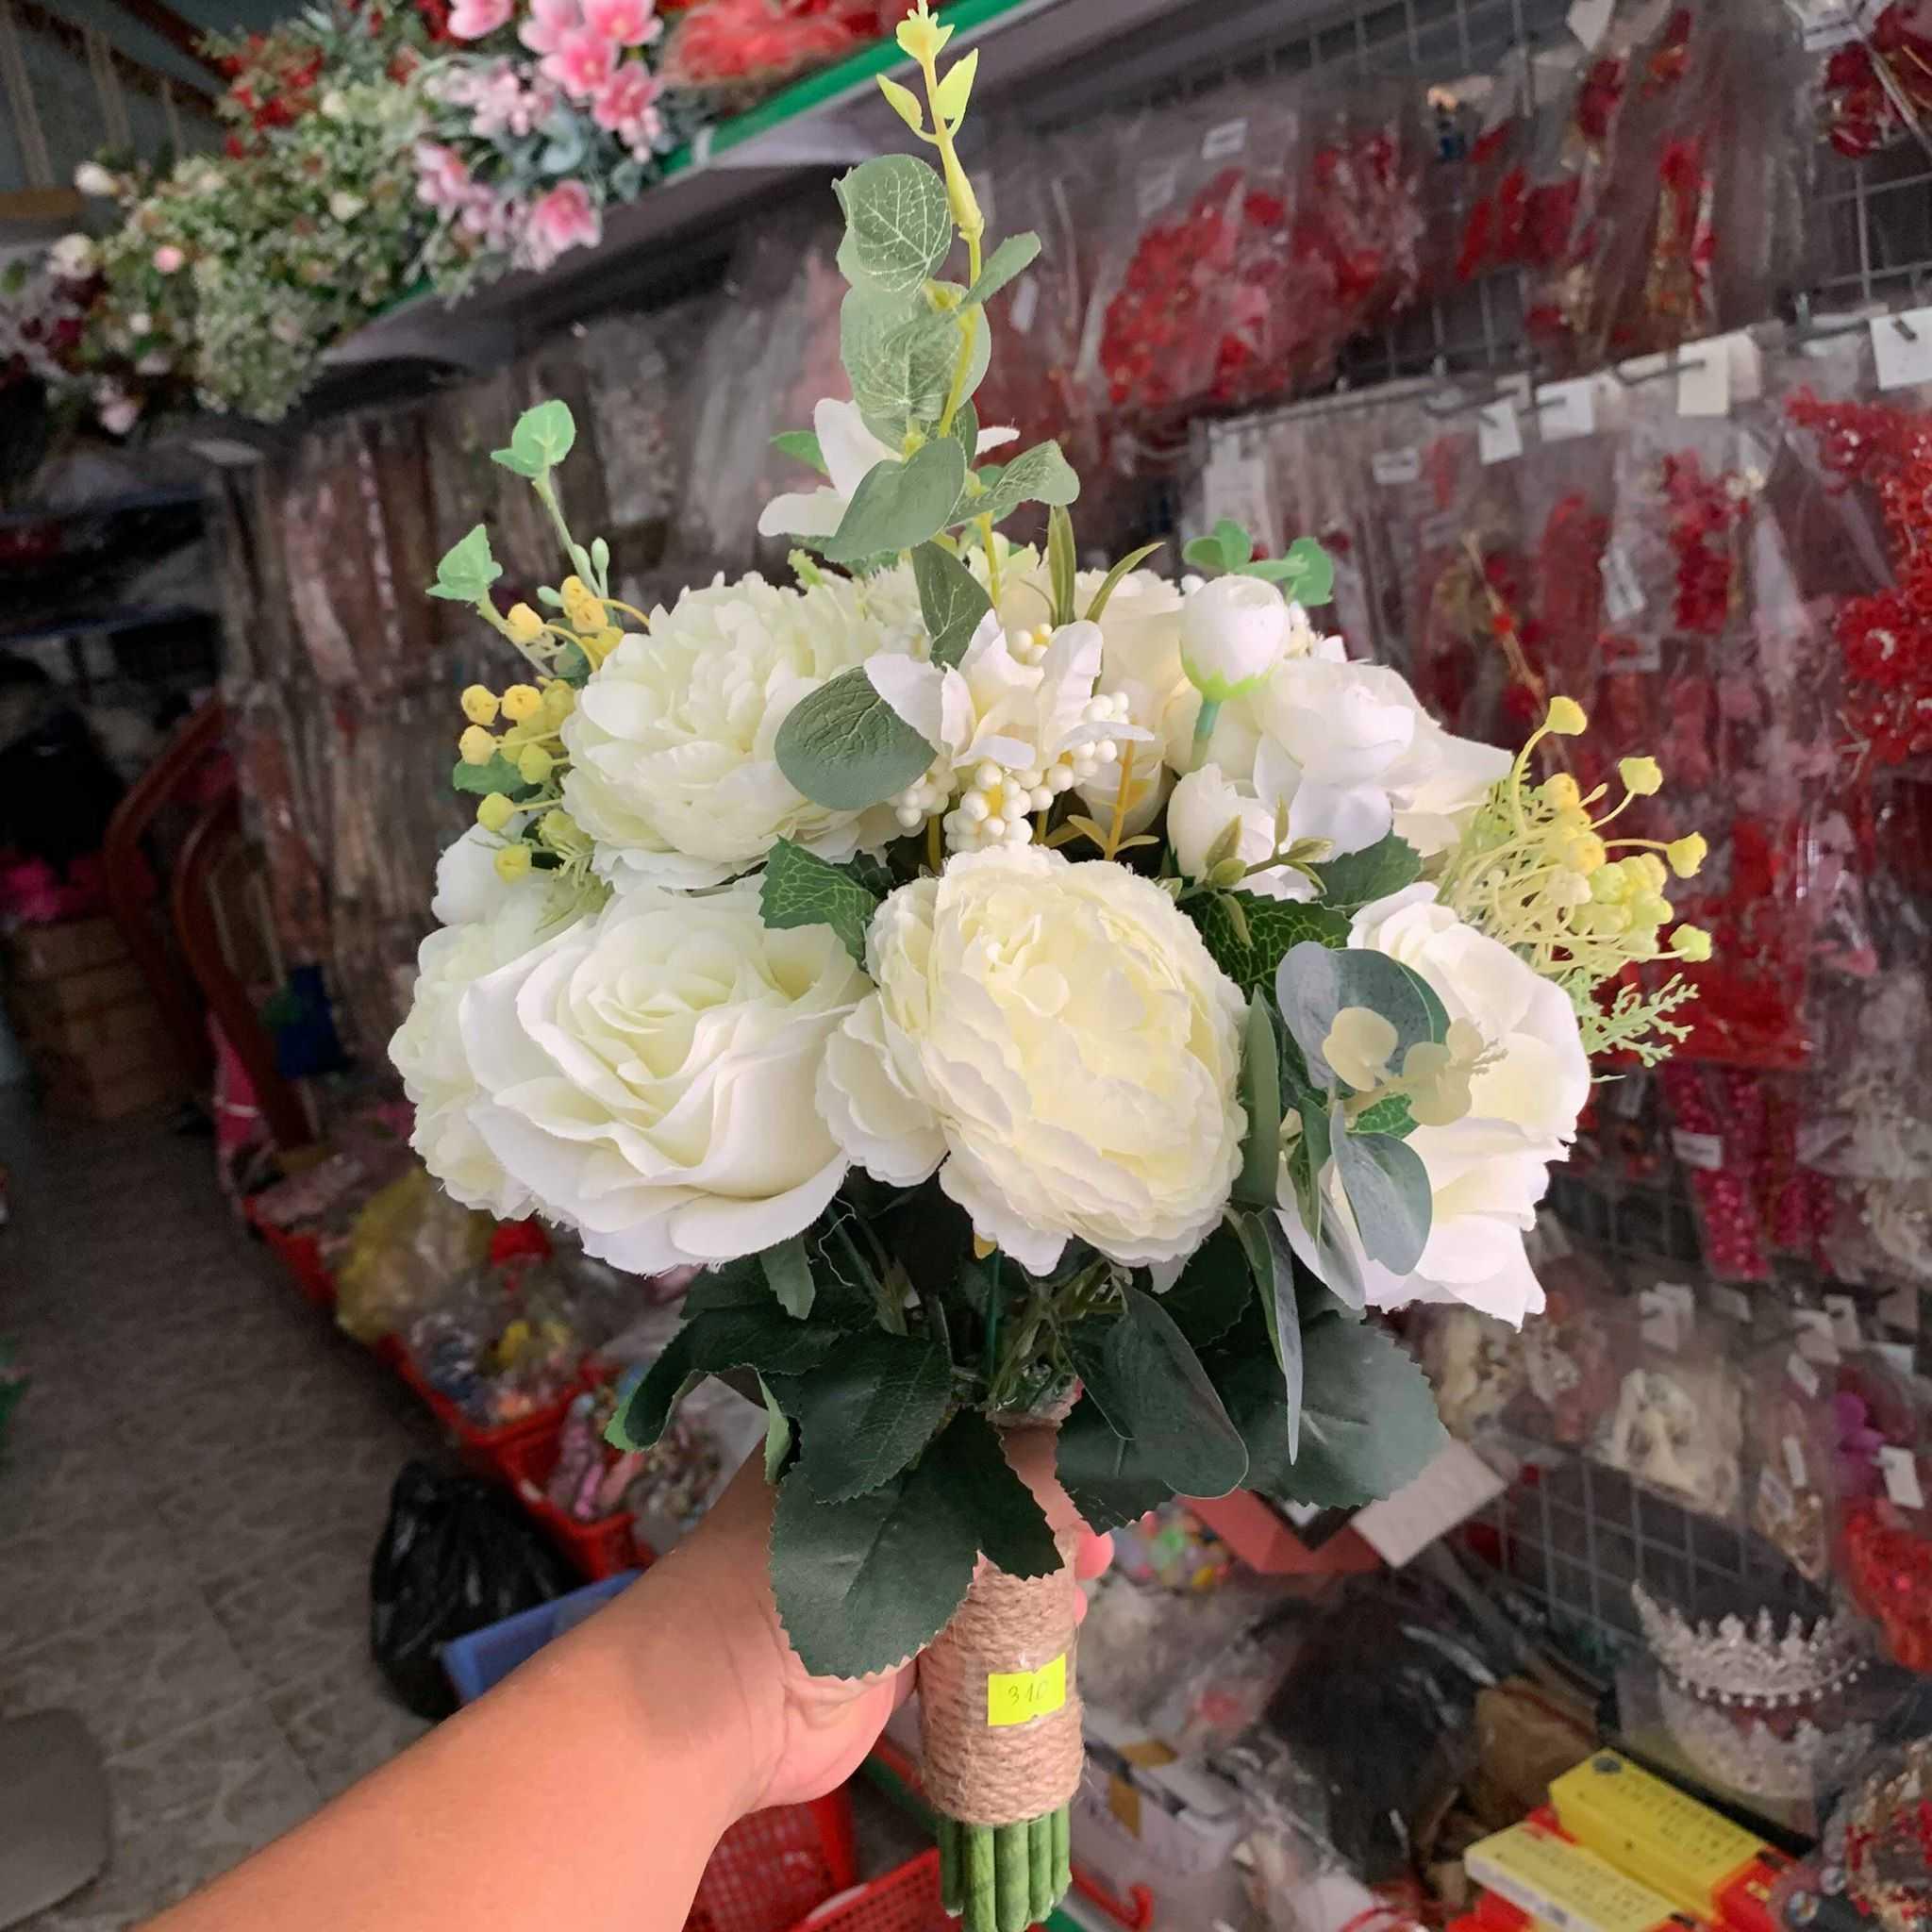 thuê hoa cưới cầm tay đẹp